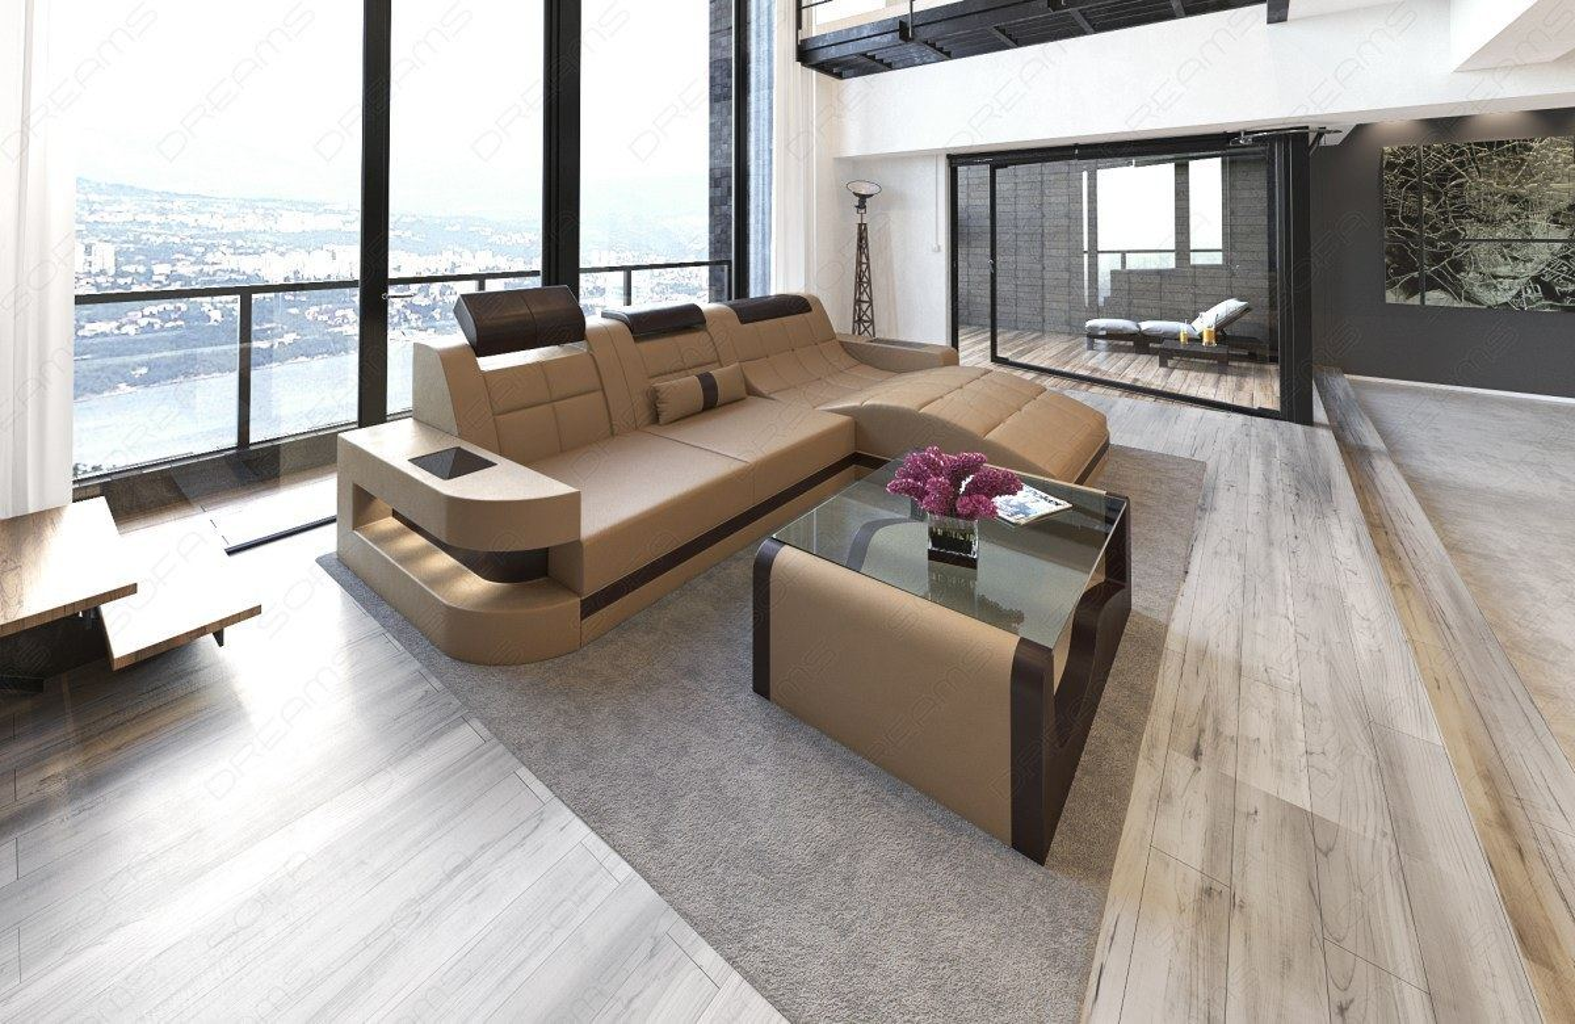 interior design wave l shape led relax sofa corner couch. Black Bedroom Furniture Sets. Home Design Ideas